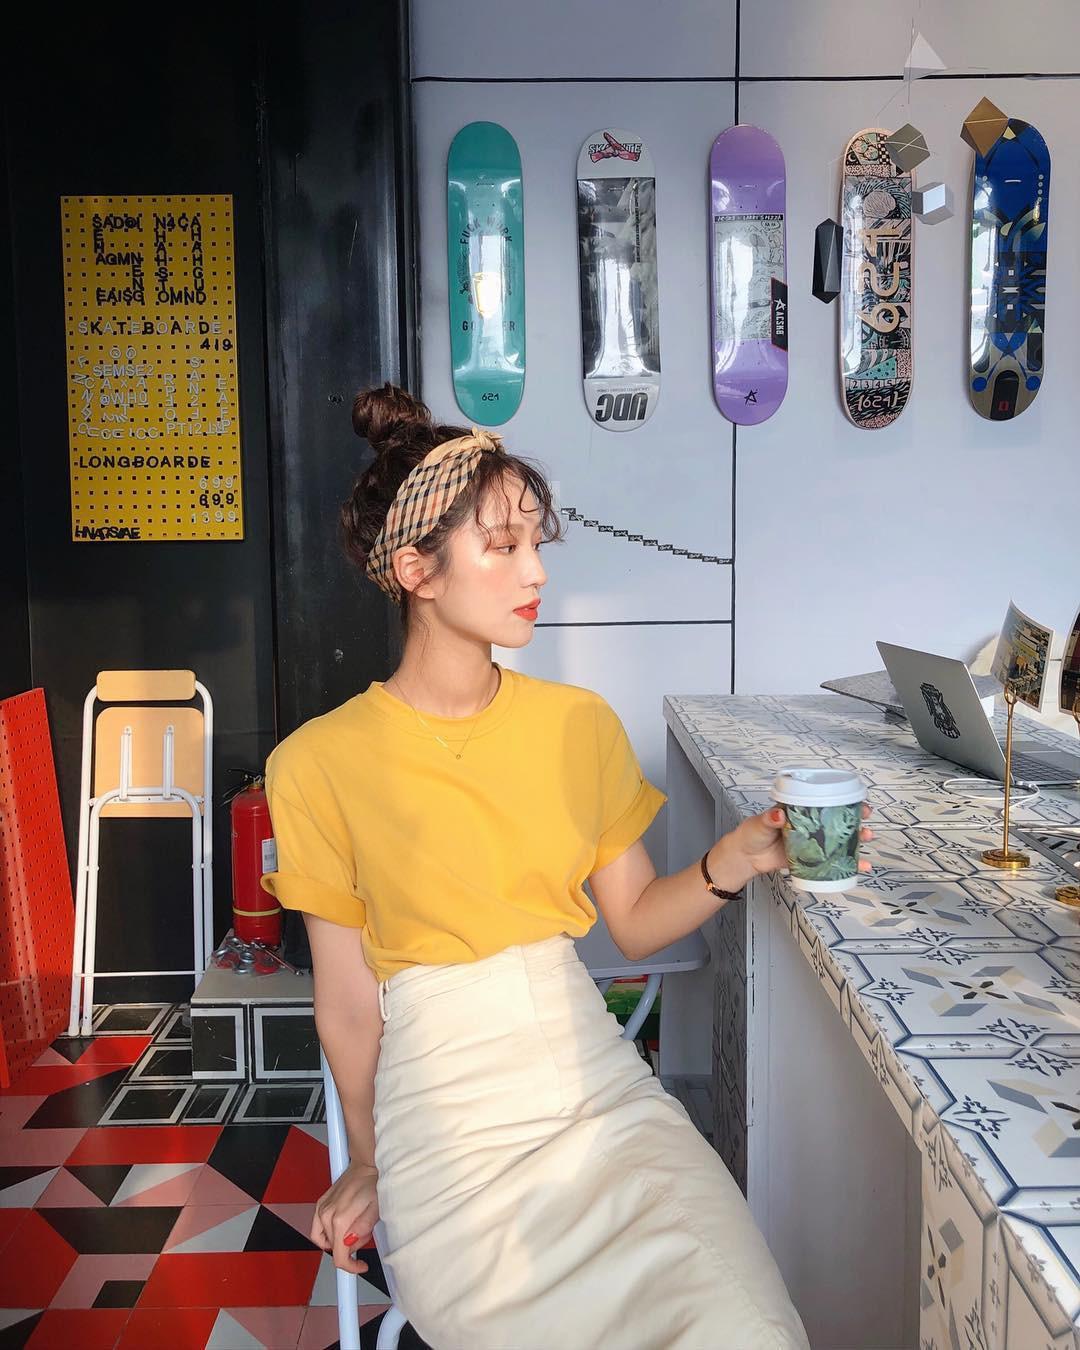 Lại nóng đến phát ốm, nhưng nàng công sở không phải lo vì đã có 5 items nhẹ mát và 100% thanh lịch này - Ảnh 13.